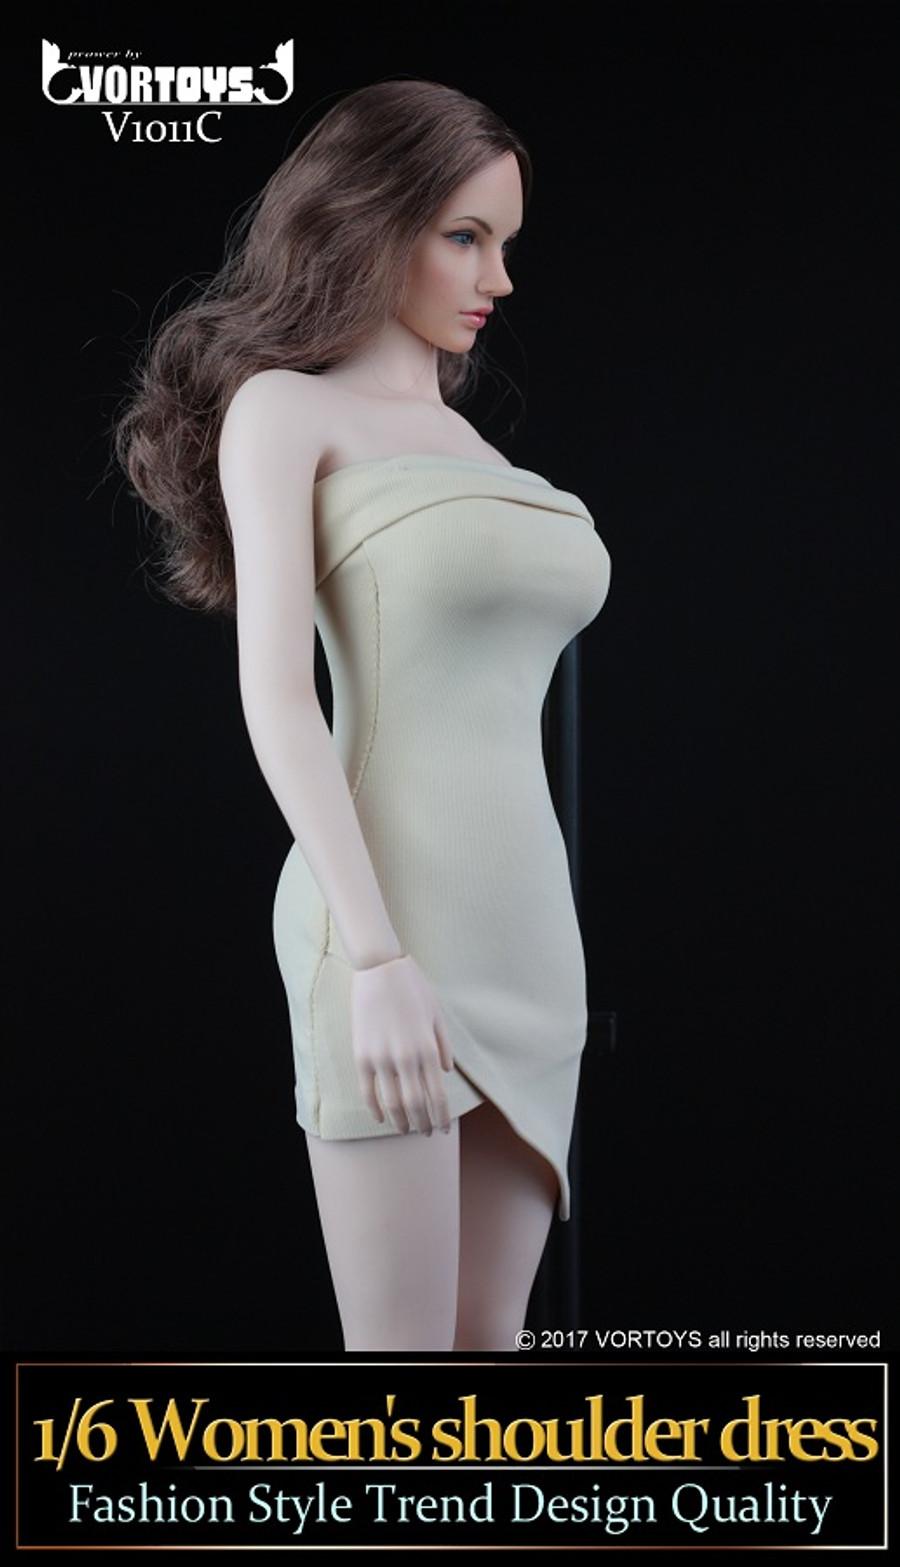 Vortoys - Women's Shoulder Dress